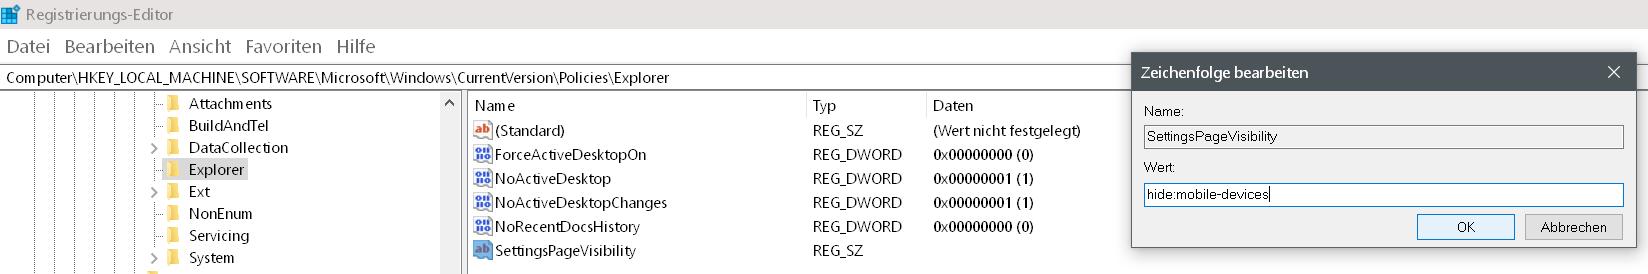 zeichenfolge wert - Windows 10 Eintrag Telefon unter Einstellungen entfernen